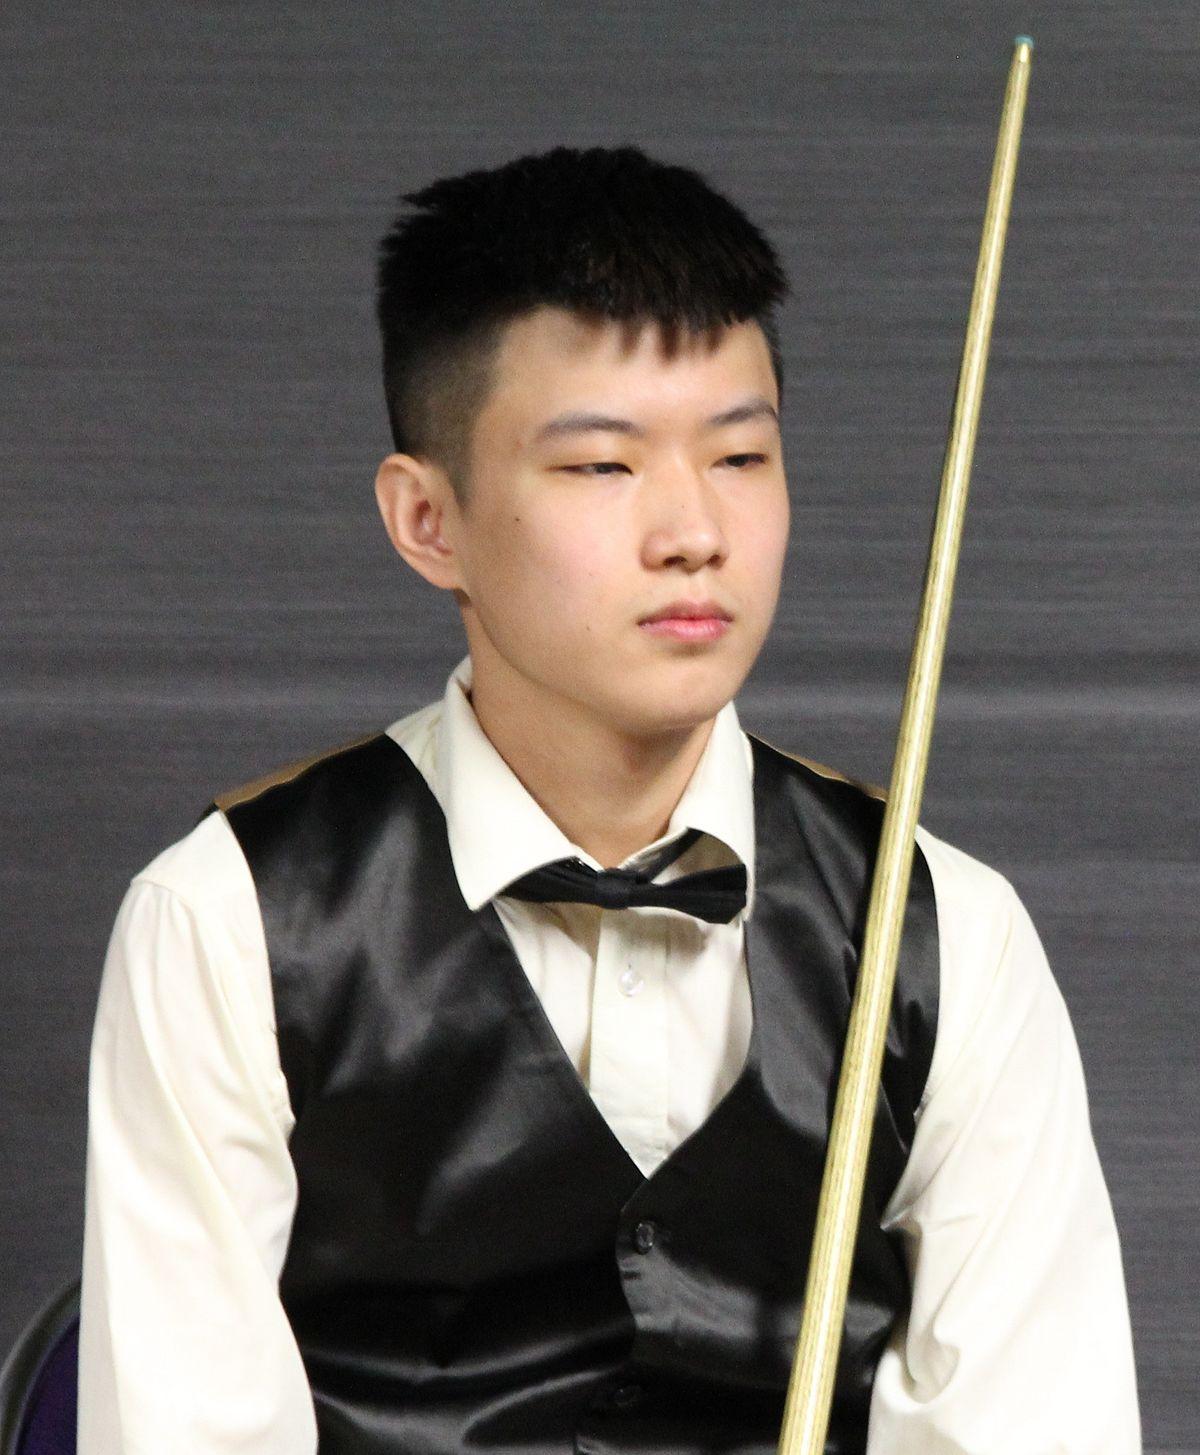 Zhao Xintong Wikipedia